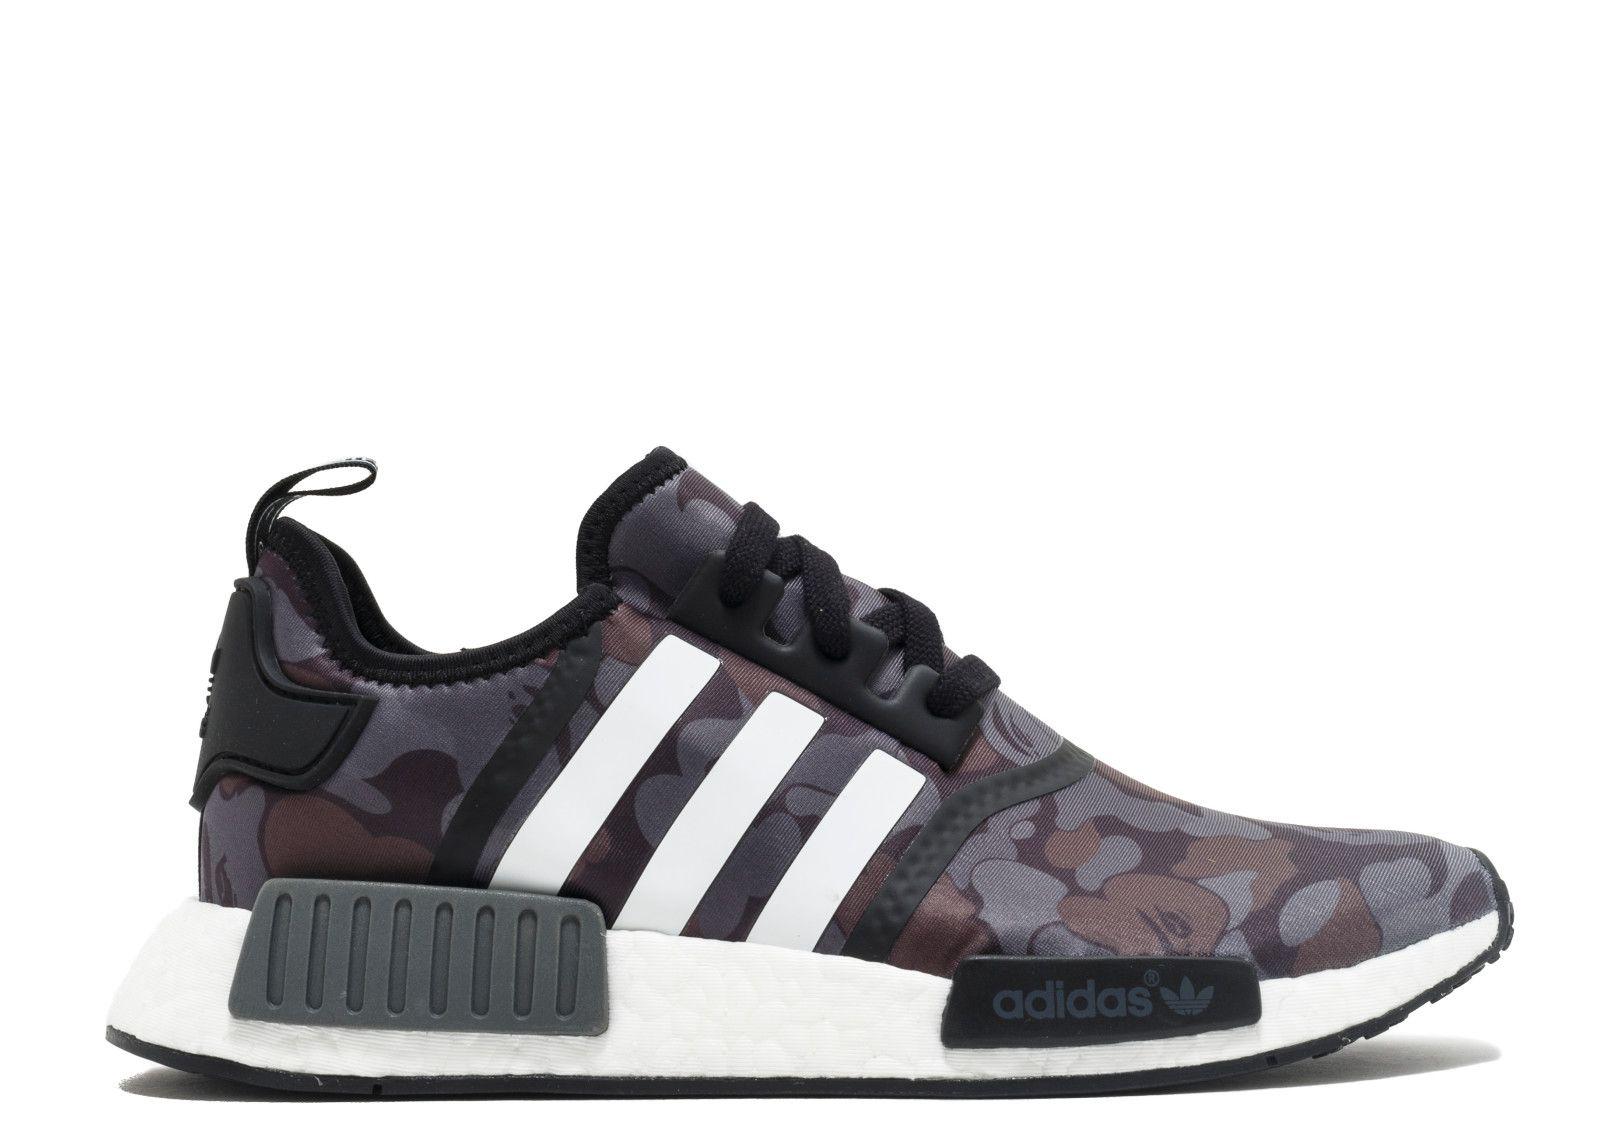 Adidas shoes nmd, Adidas nmd runner, Adidas